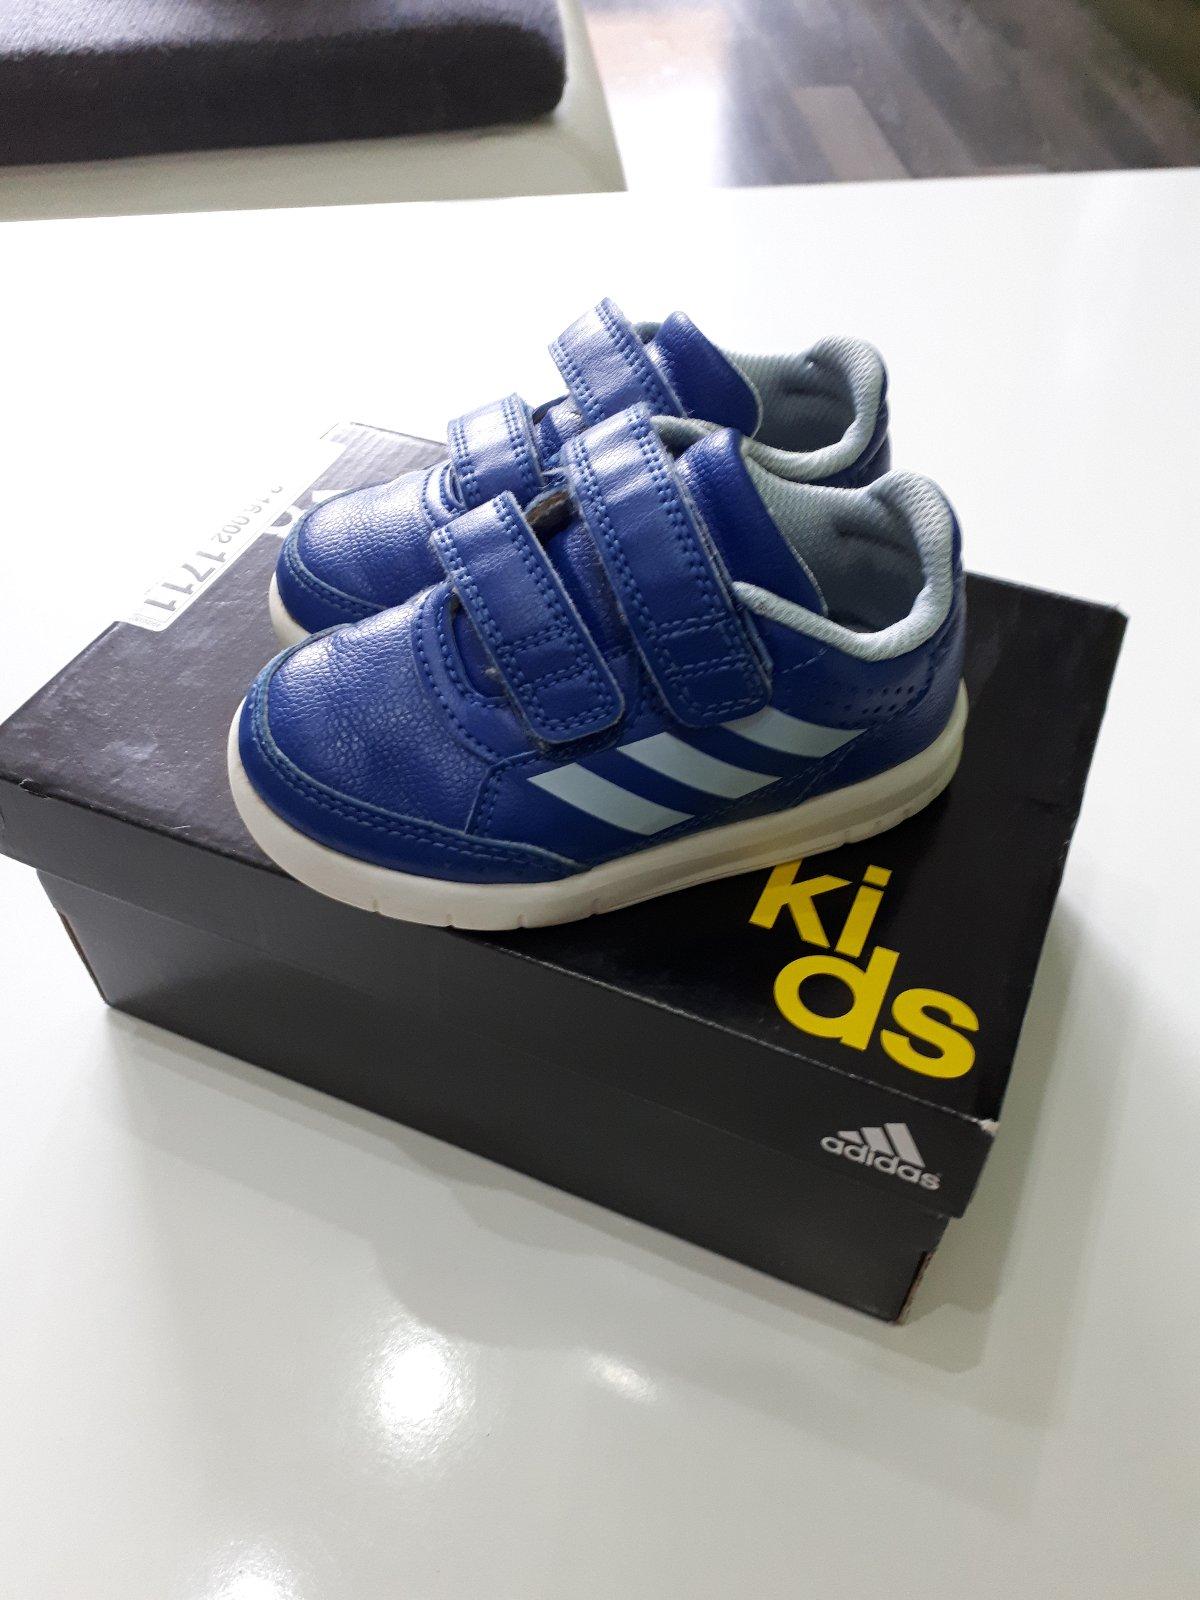 Predam botasky tenisky adidas 0205ea8c530